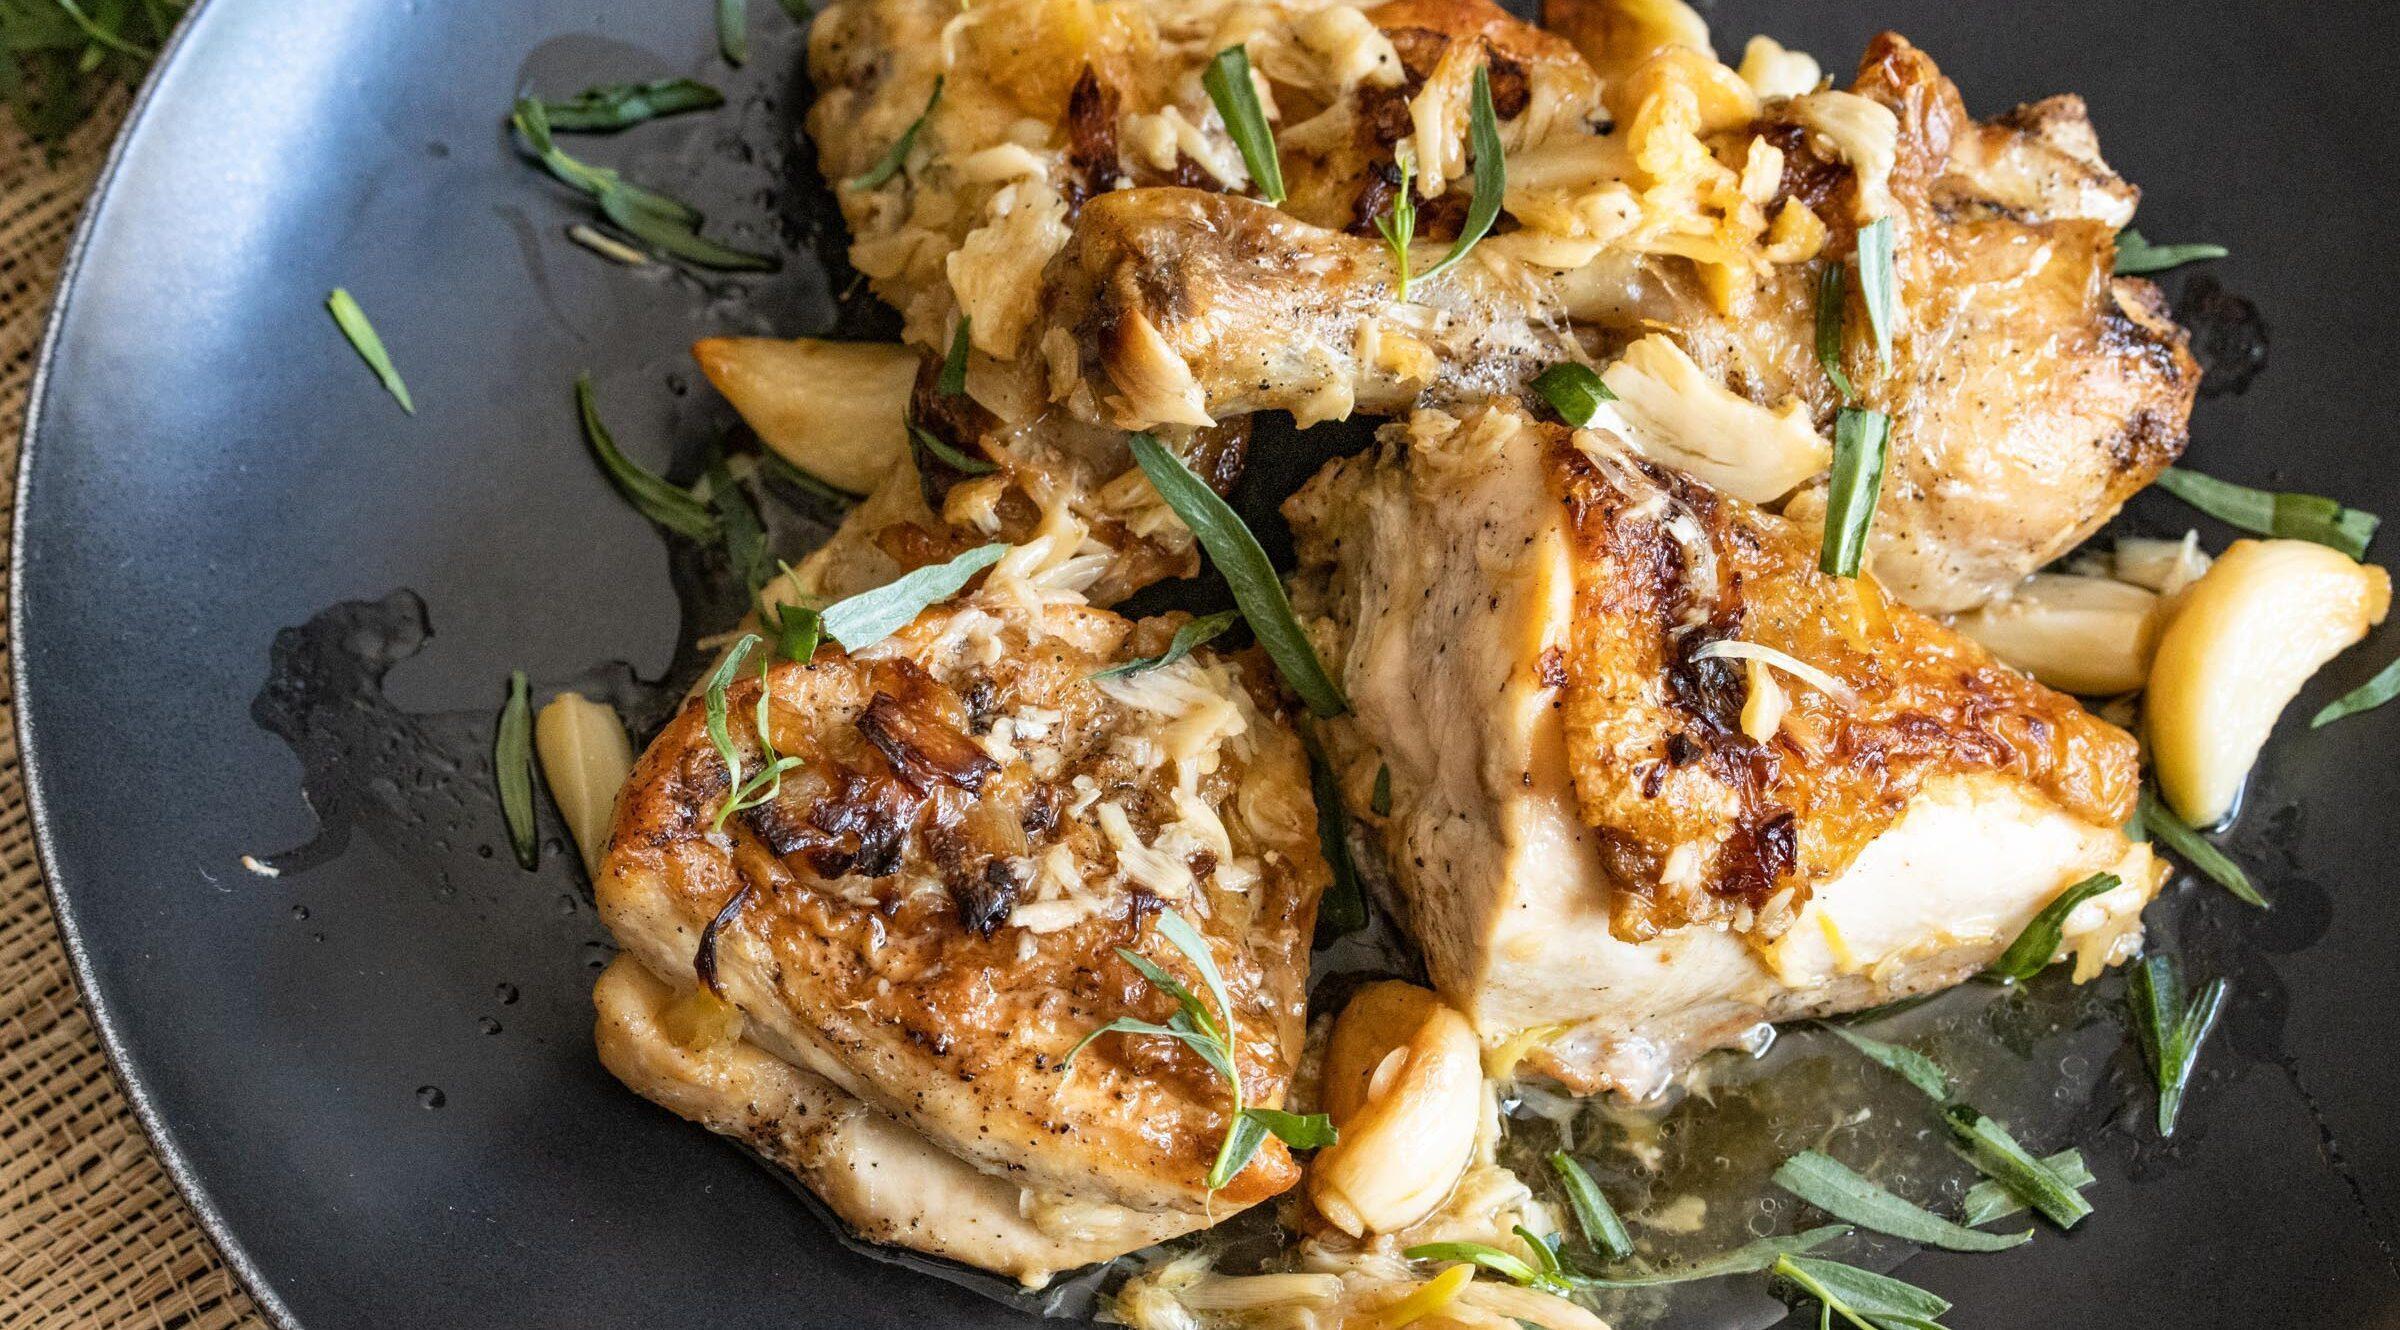 40 clovers garlic chicken